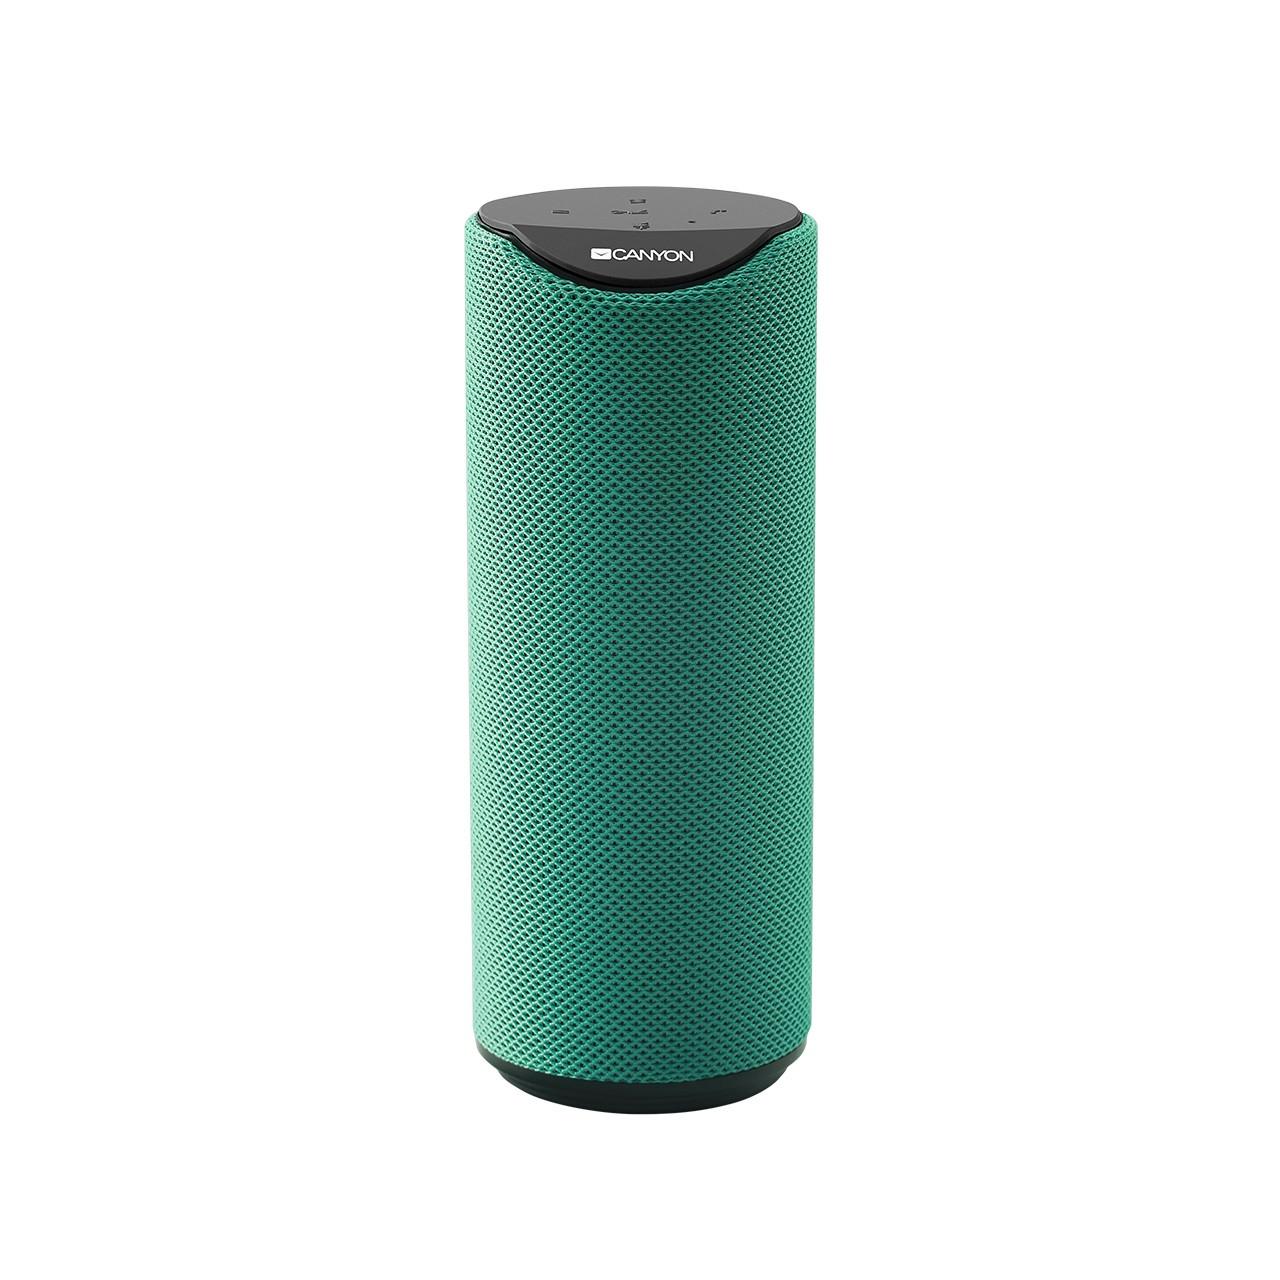 Колонка Bluetooth Акустическая система Canyon CNS-CBTSP5G Green